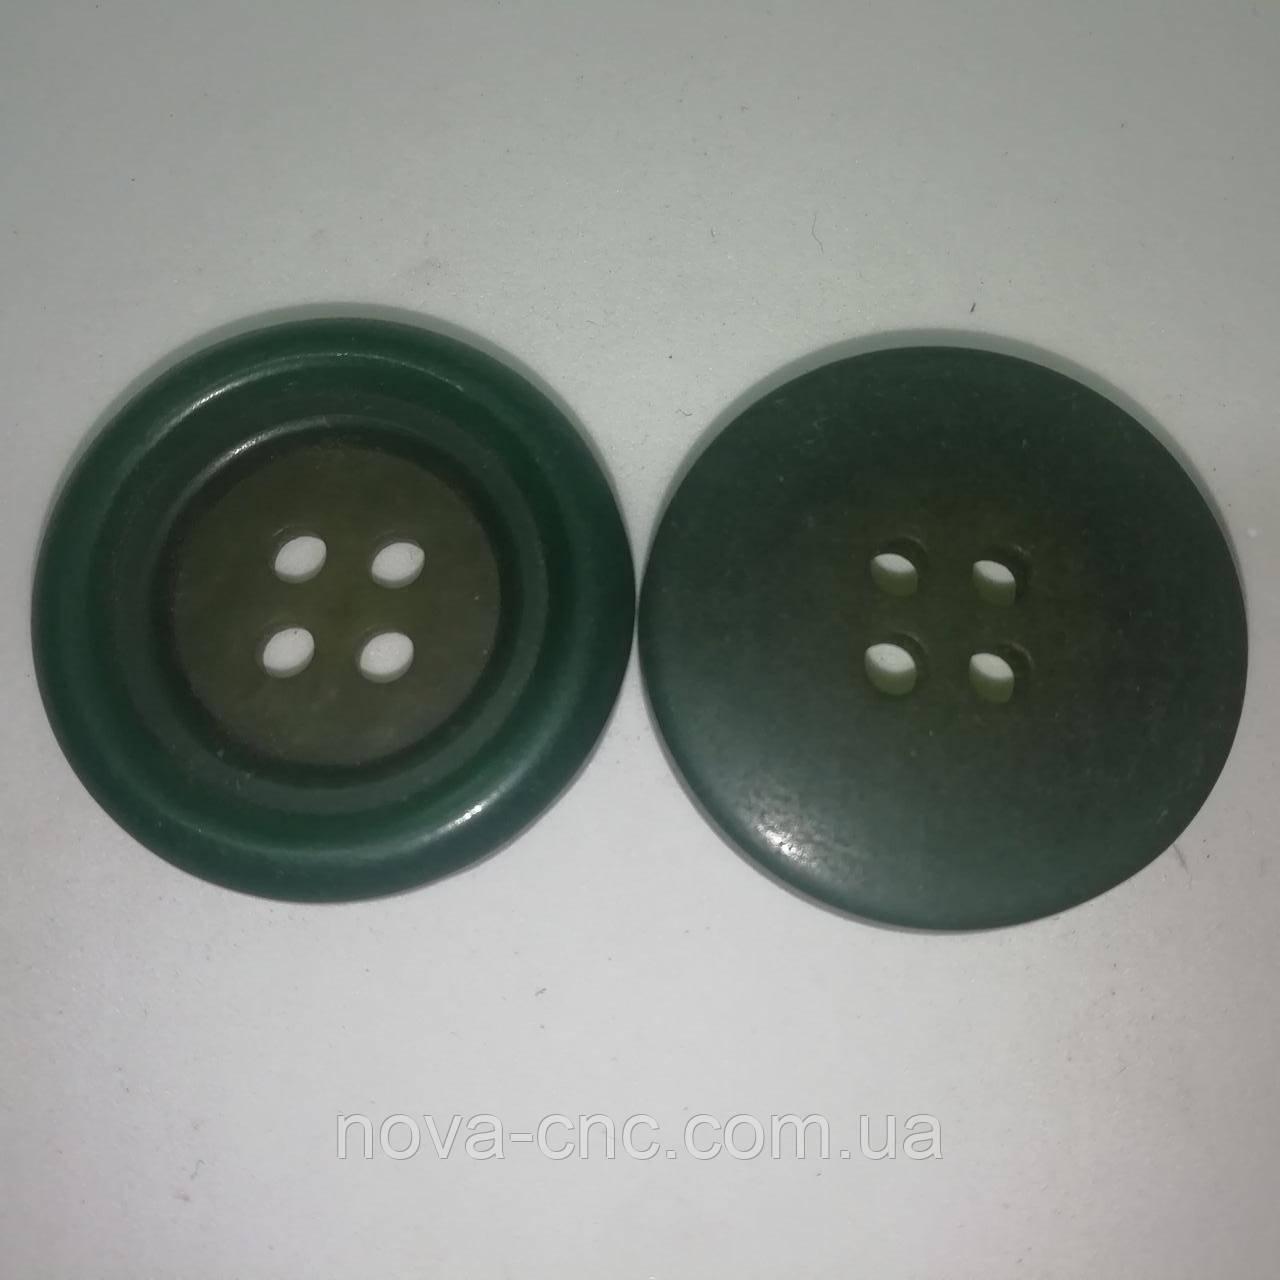 Пуговицы  пластмассовые 28 мм Цвет зеленый Упаковка примерно 100 штук